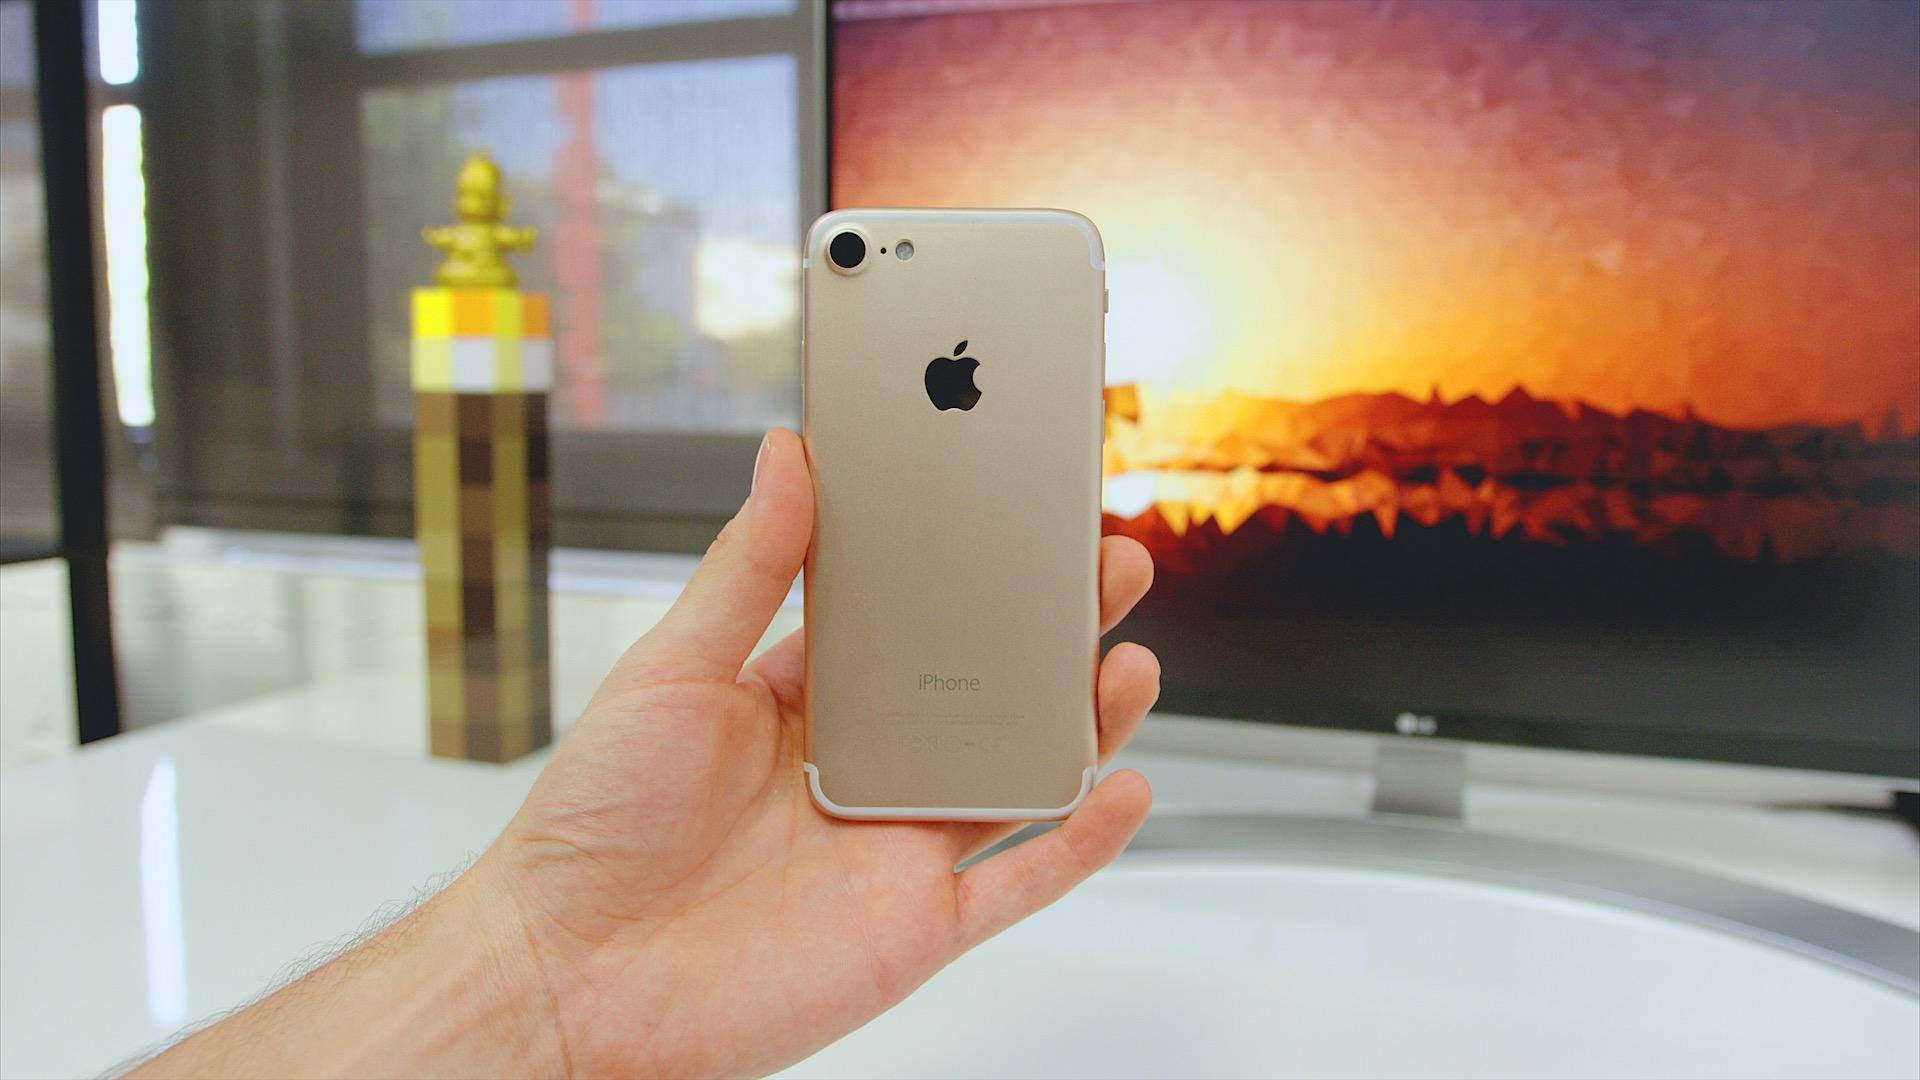 iPhone 7 clone unit